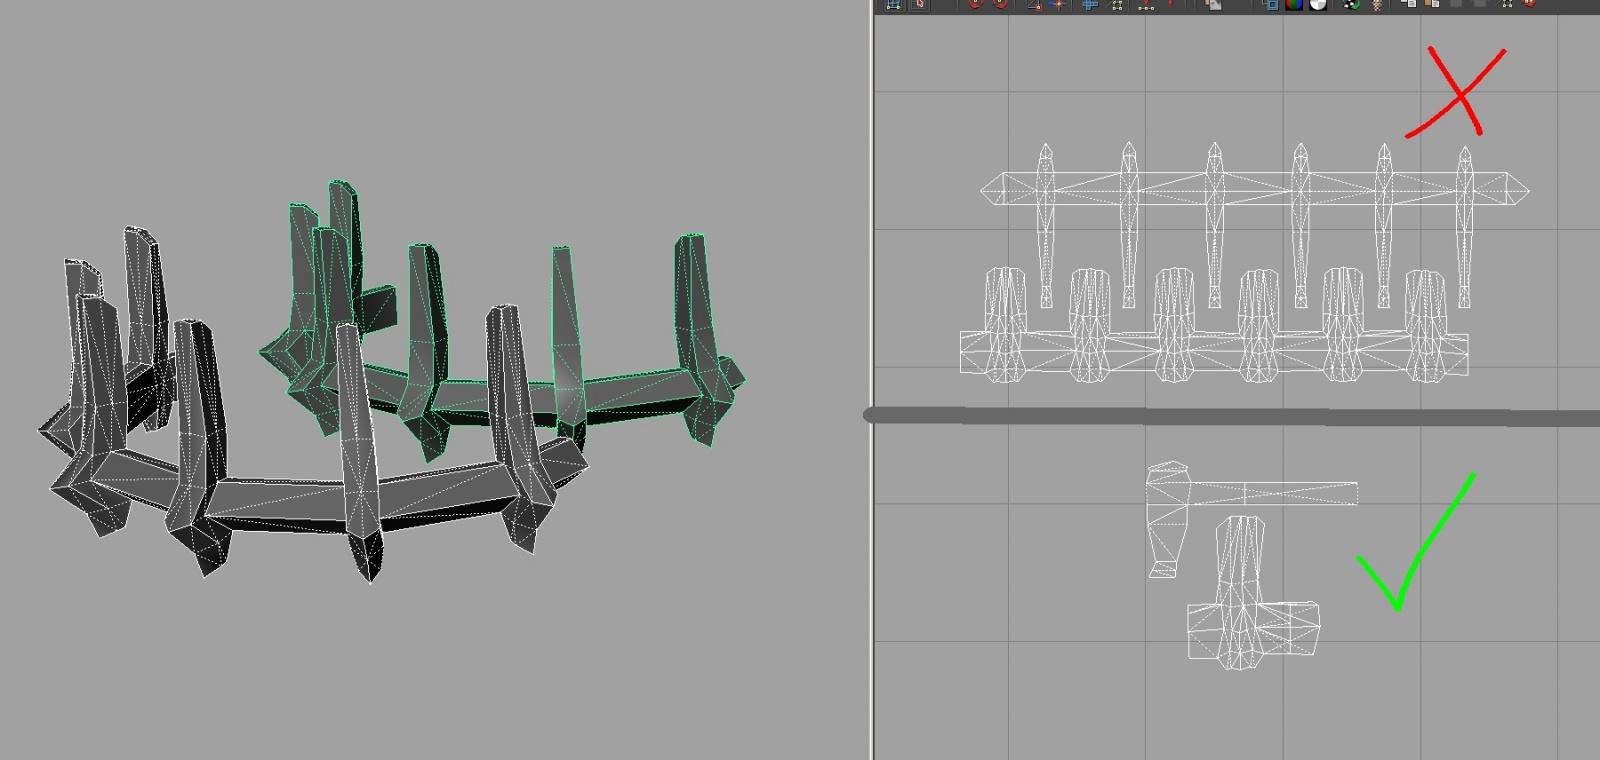 Разработка персонажей для игры «Аллоды Онлайн» - 36